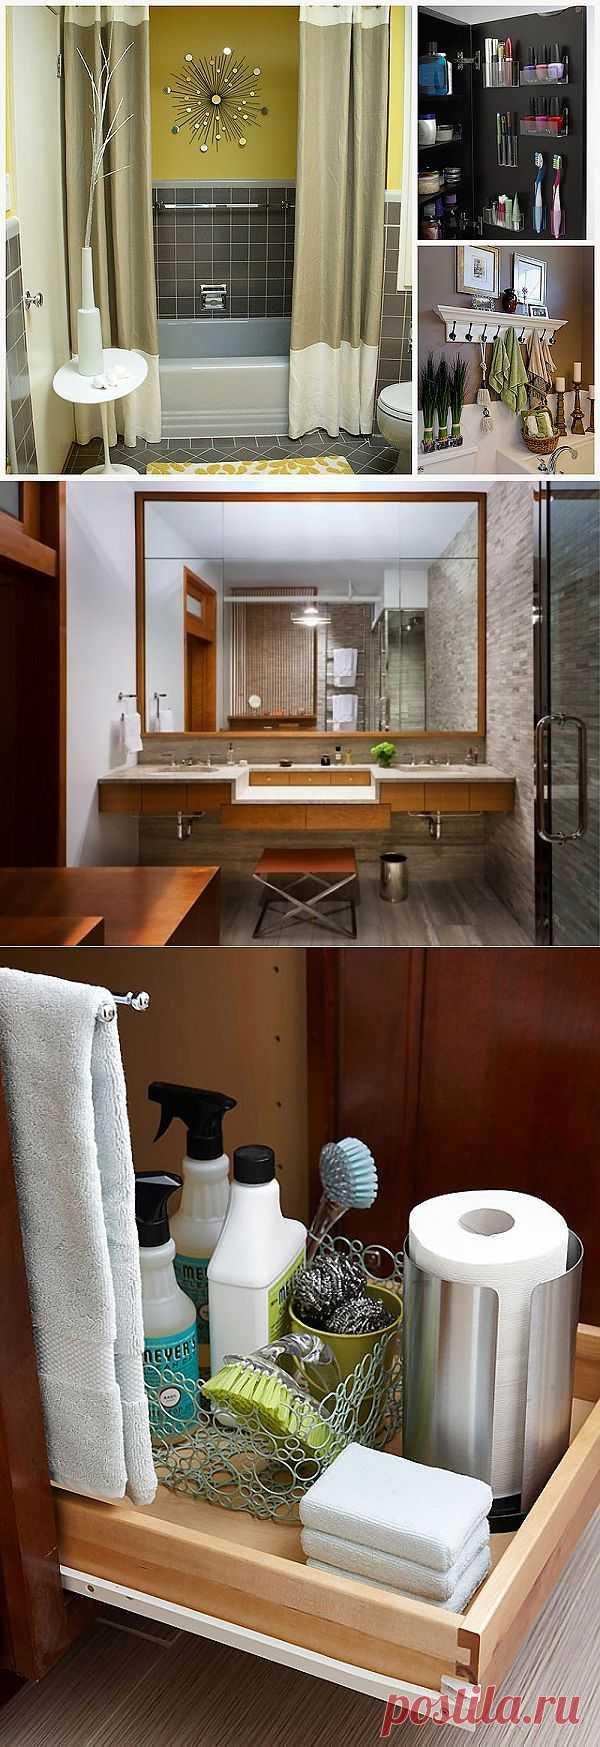 15 советов по обустройству маленькой ванной комнаты : НОВОСТИ В ФОТОГРАФИЯХ